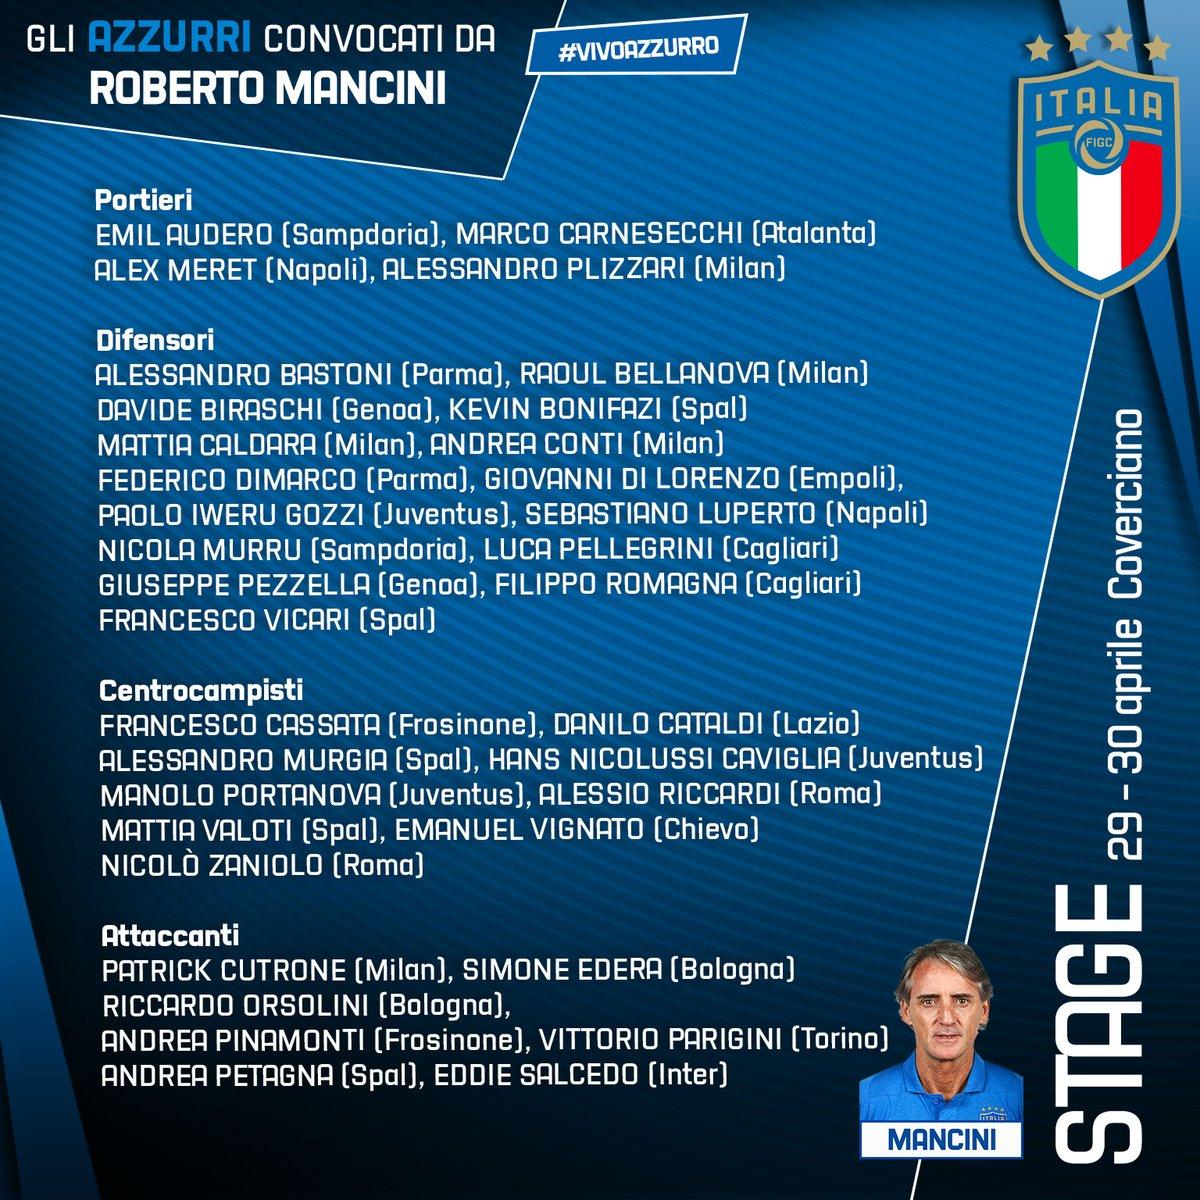 曼奇尼公布意大利35人集训名单:3名01年小将入选